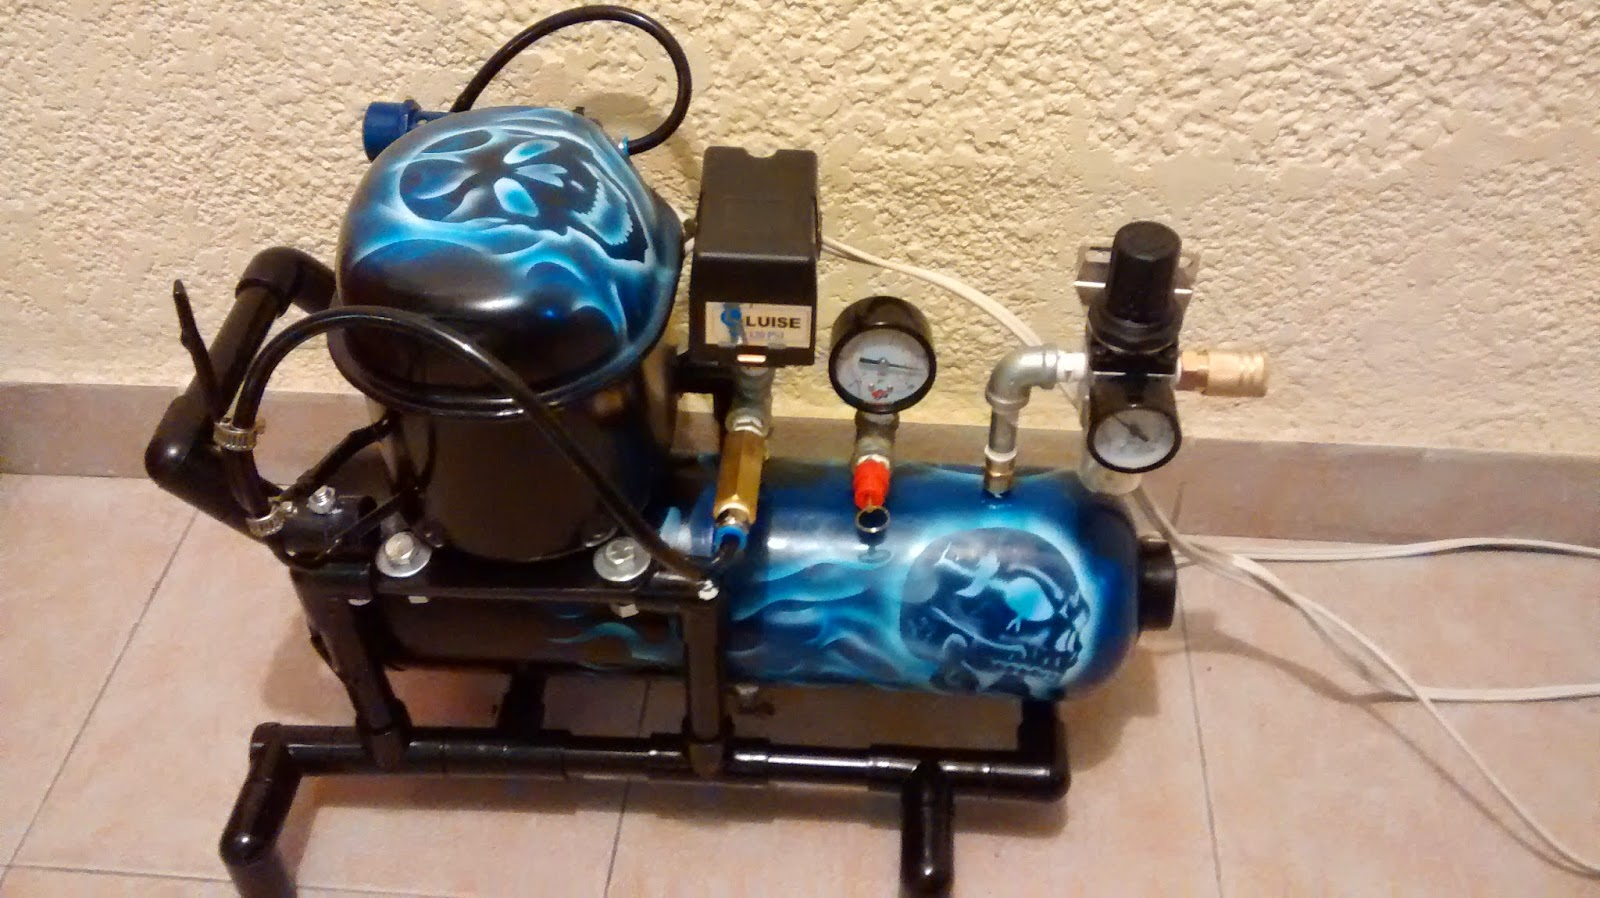 Galeria arte y dise o madekids mini compresor - Manometro para compresor ...